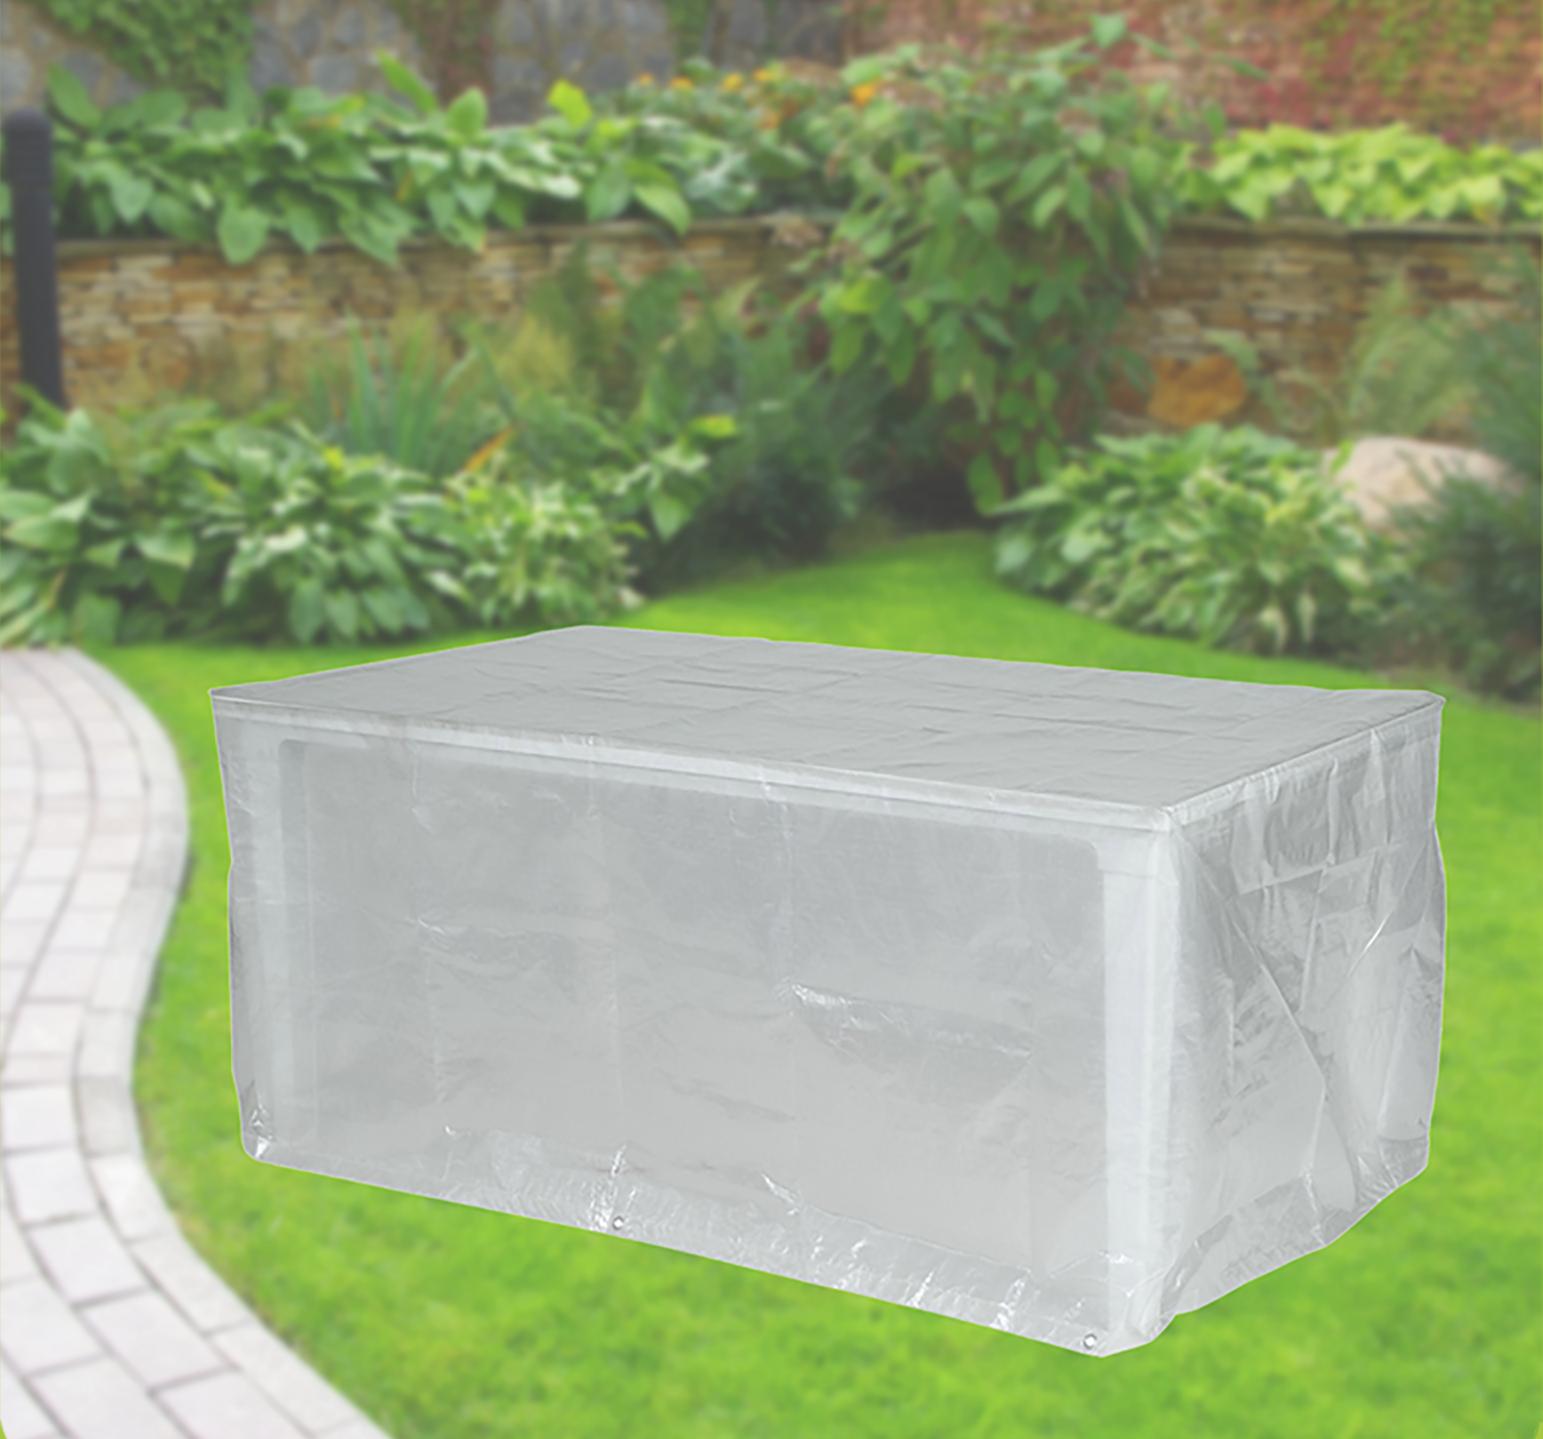 Komfort Schutzhülle für rechteckige Gartentische 180x100x75 cm transparent 001